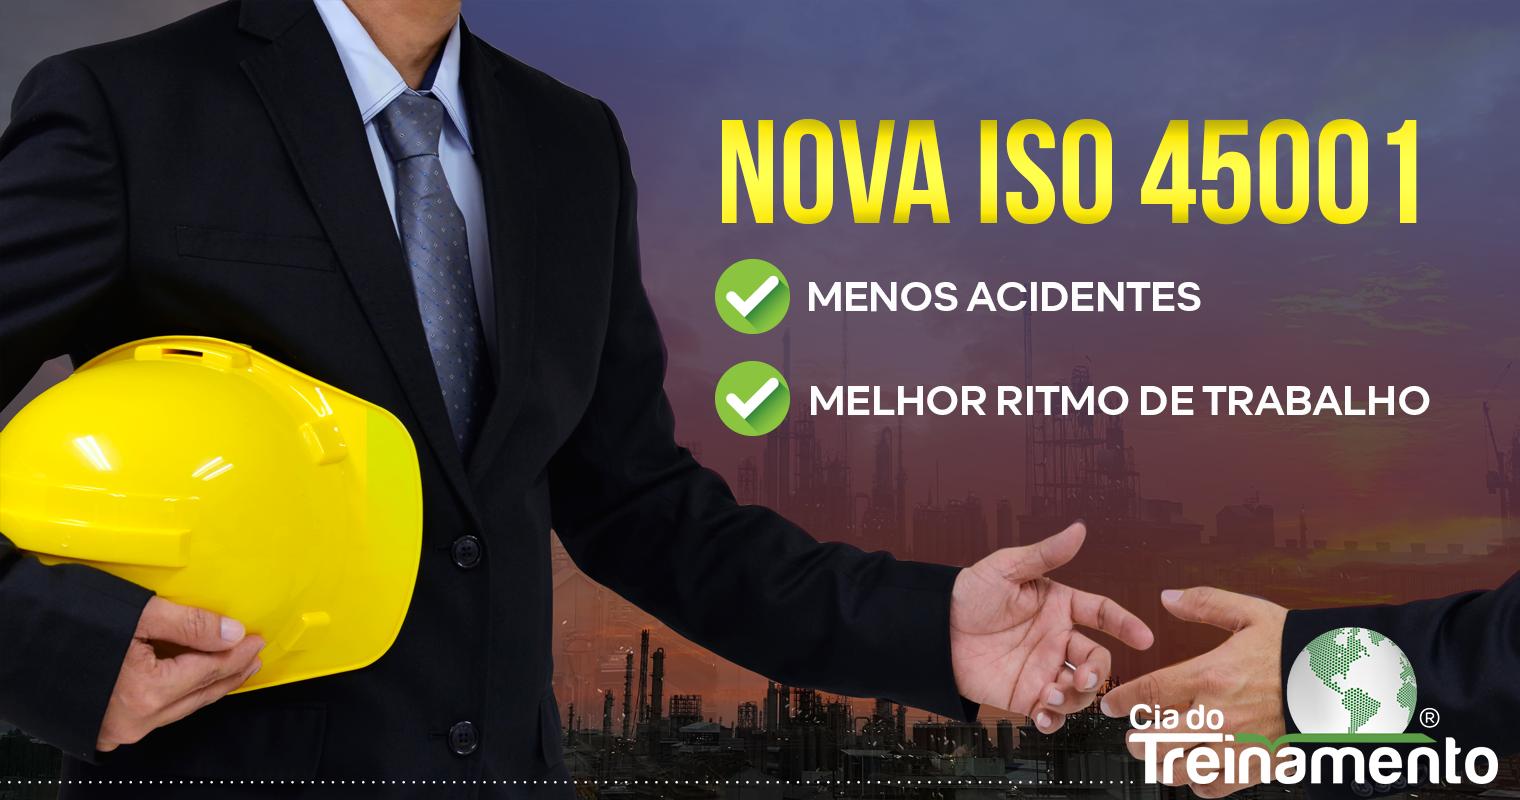 Nova ISO 45001 – Gestão de segurança do trabalho valoriza empresas no mercado